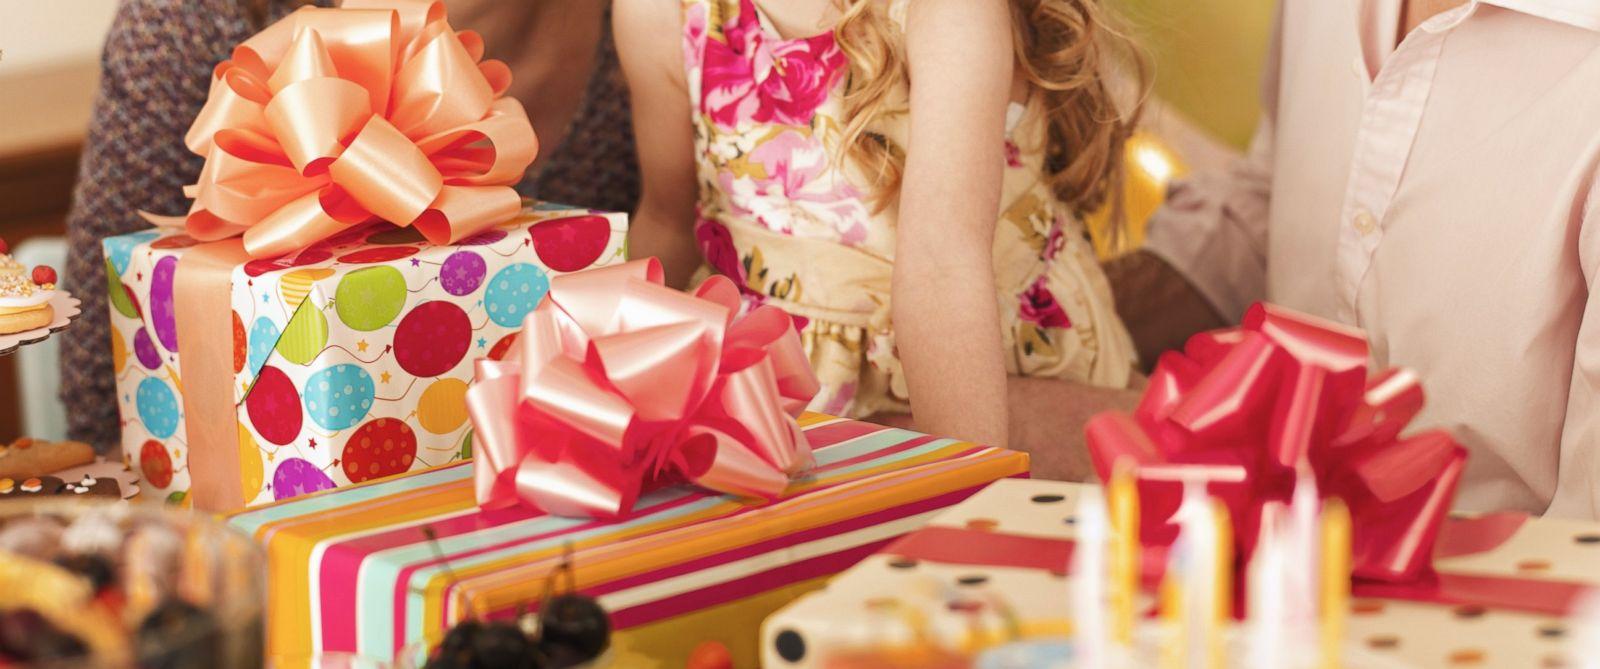 Подарок на день рождения детям фото